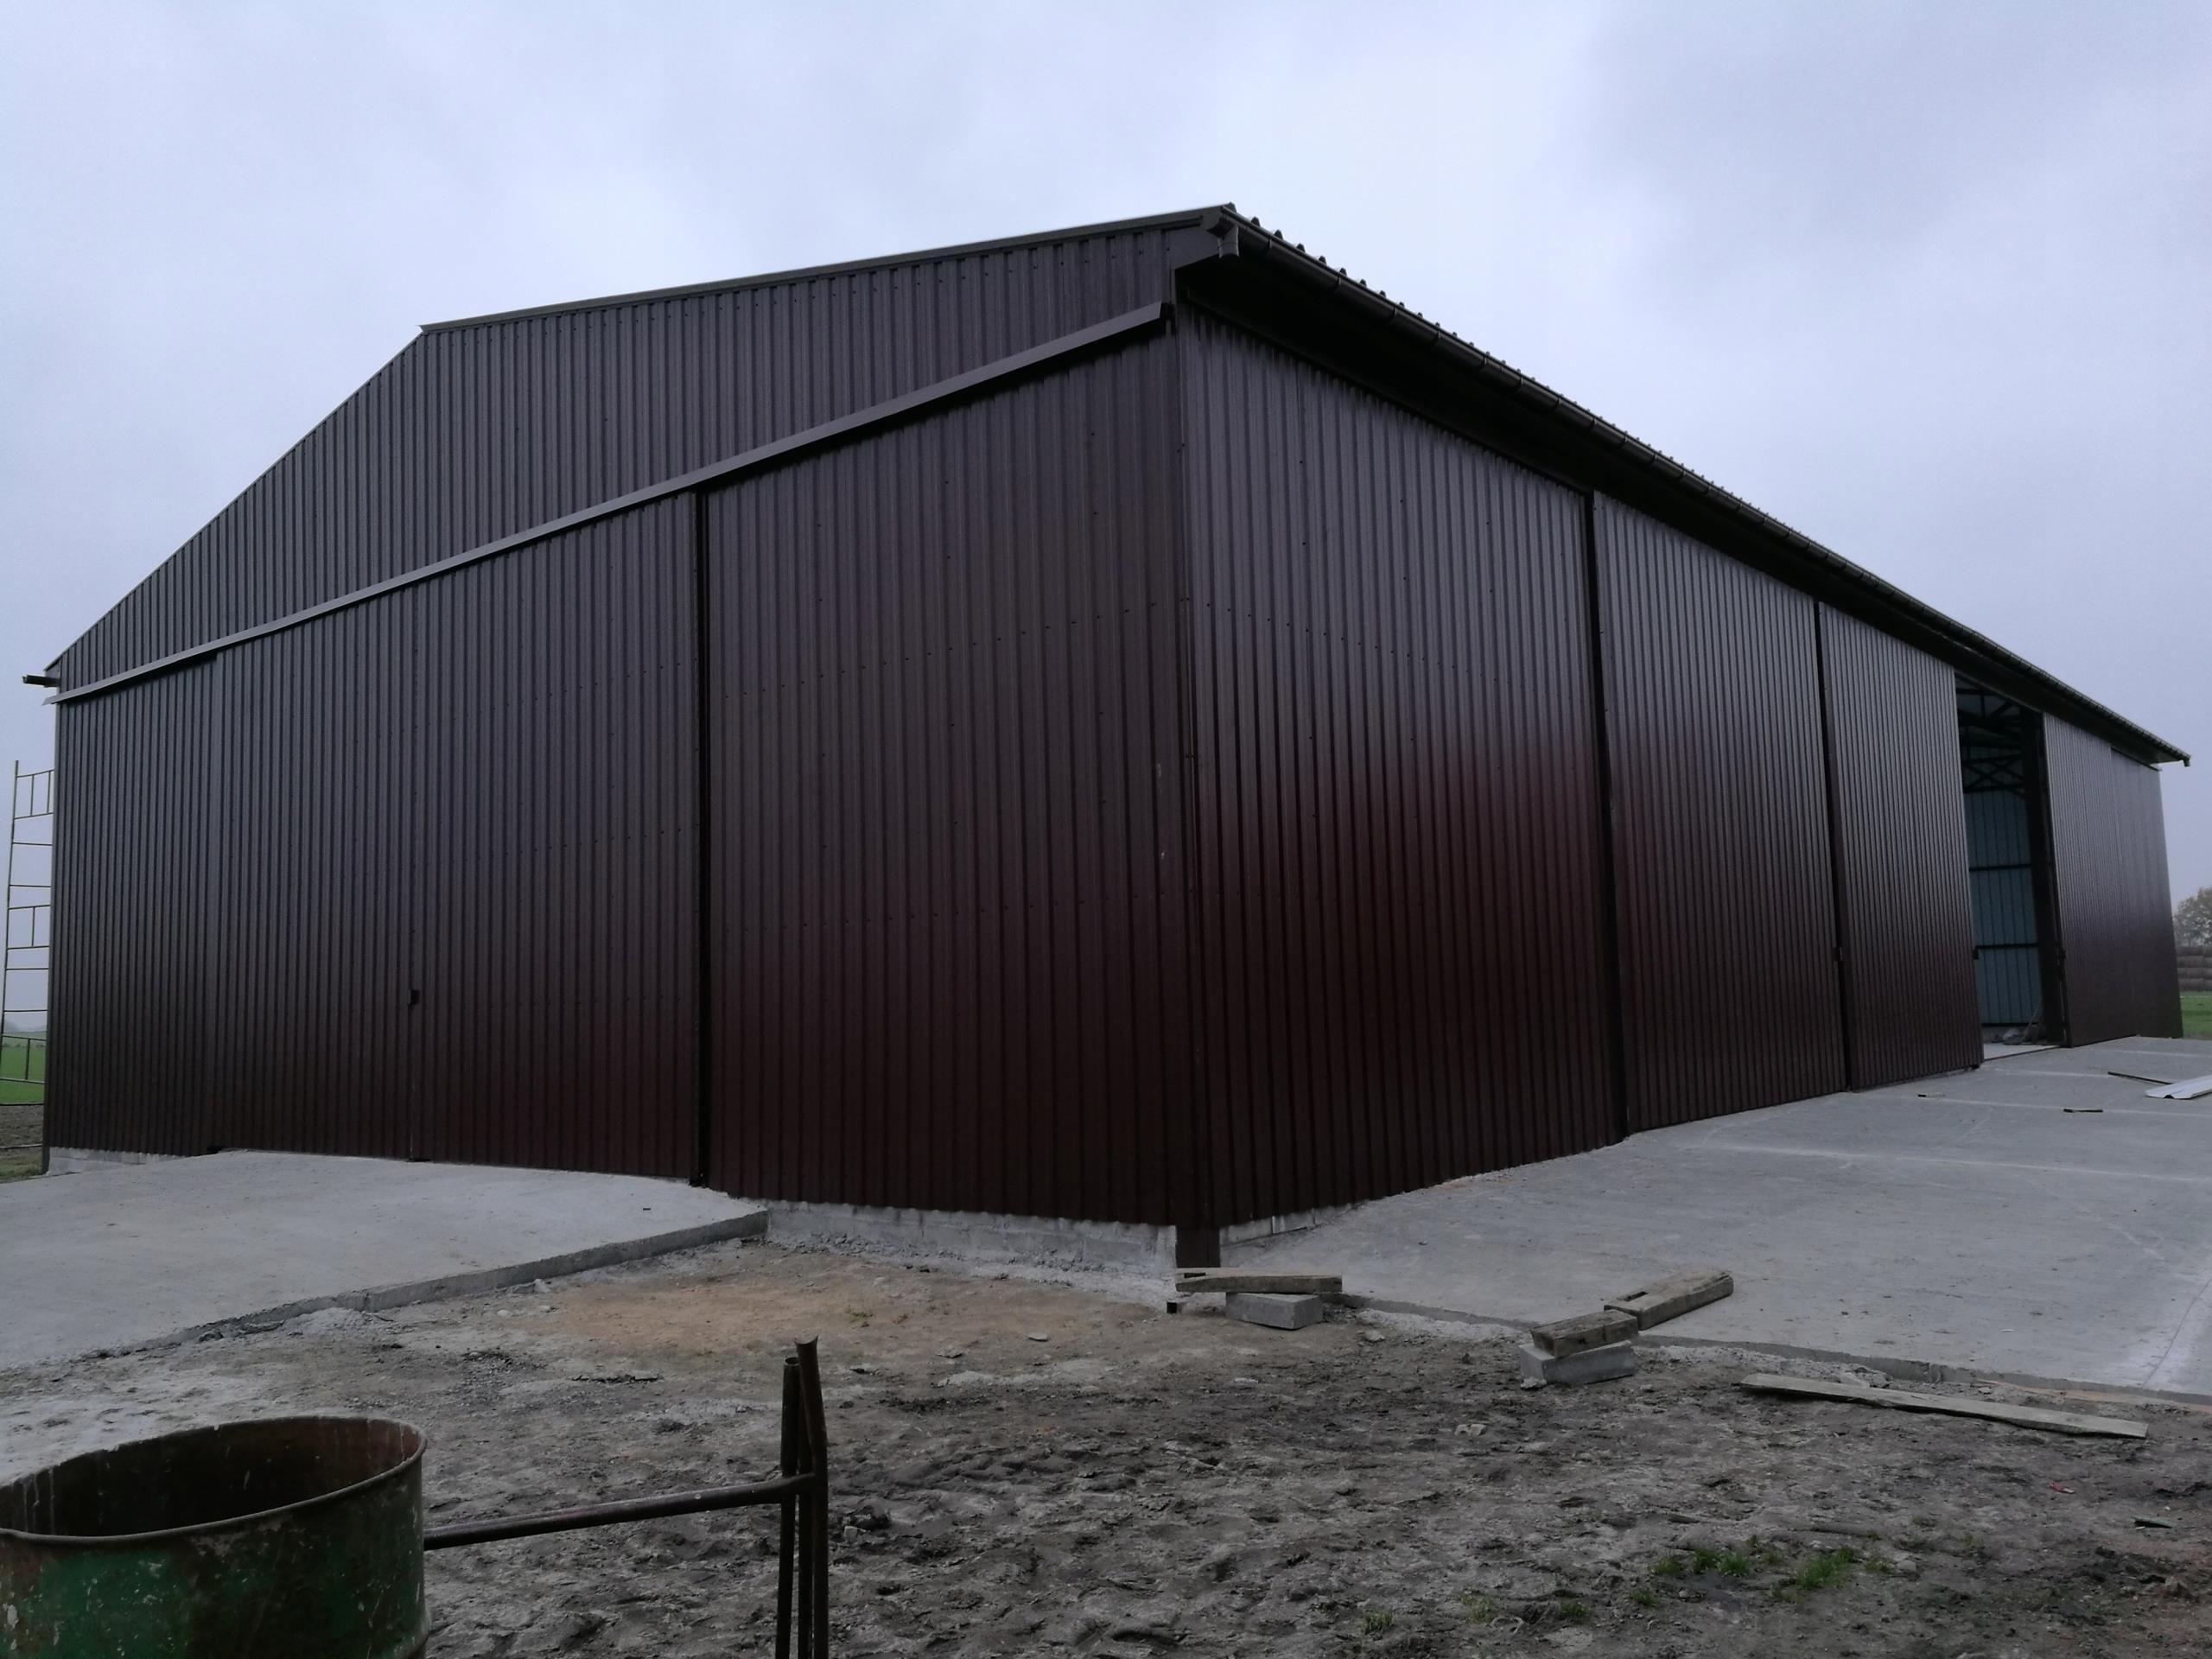 Garaż Blaszany Hala Magazynowa Konstrukcja Stalowa